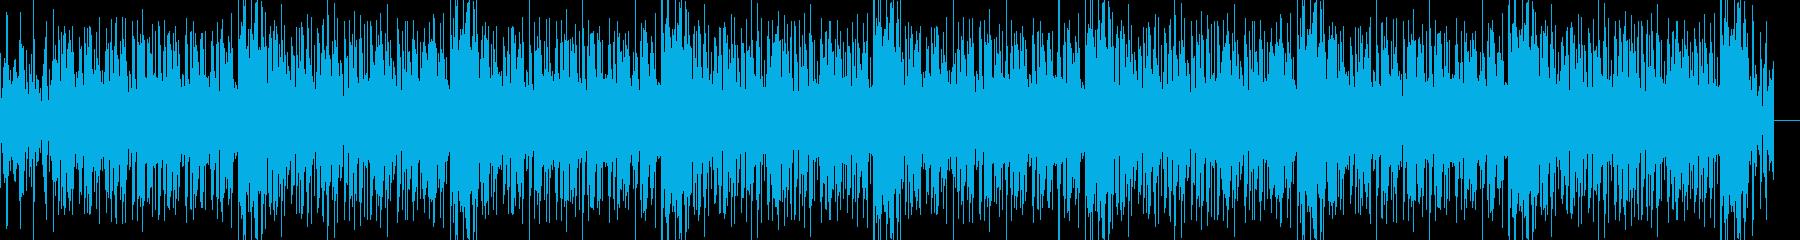 ダークEDMヒップホップ民族エレクトロの再生済みの波形